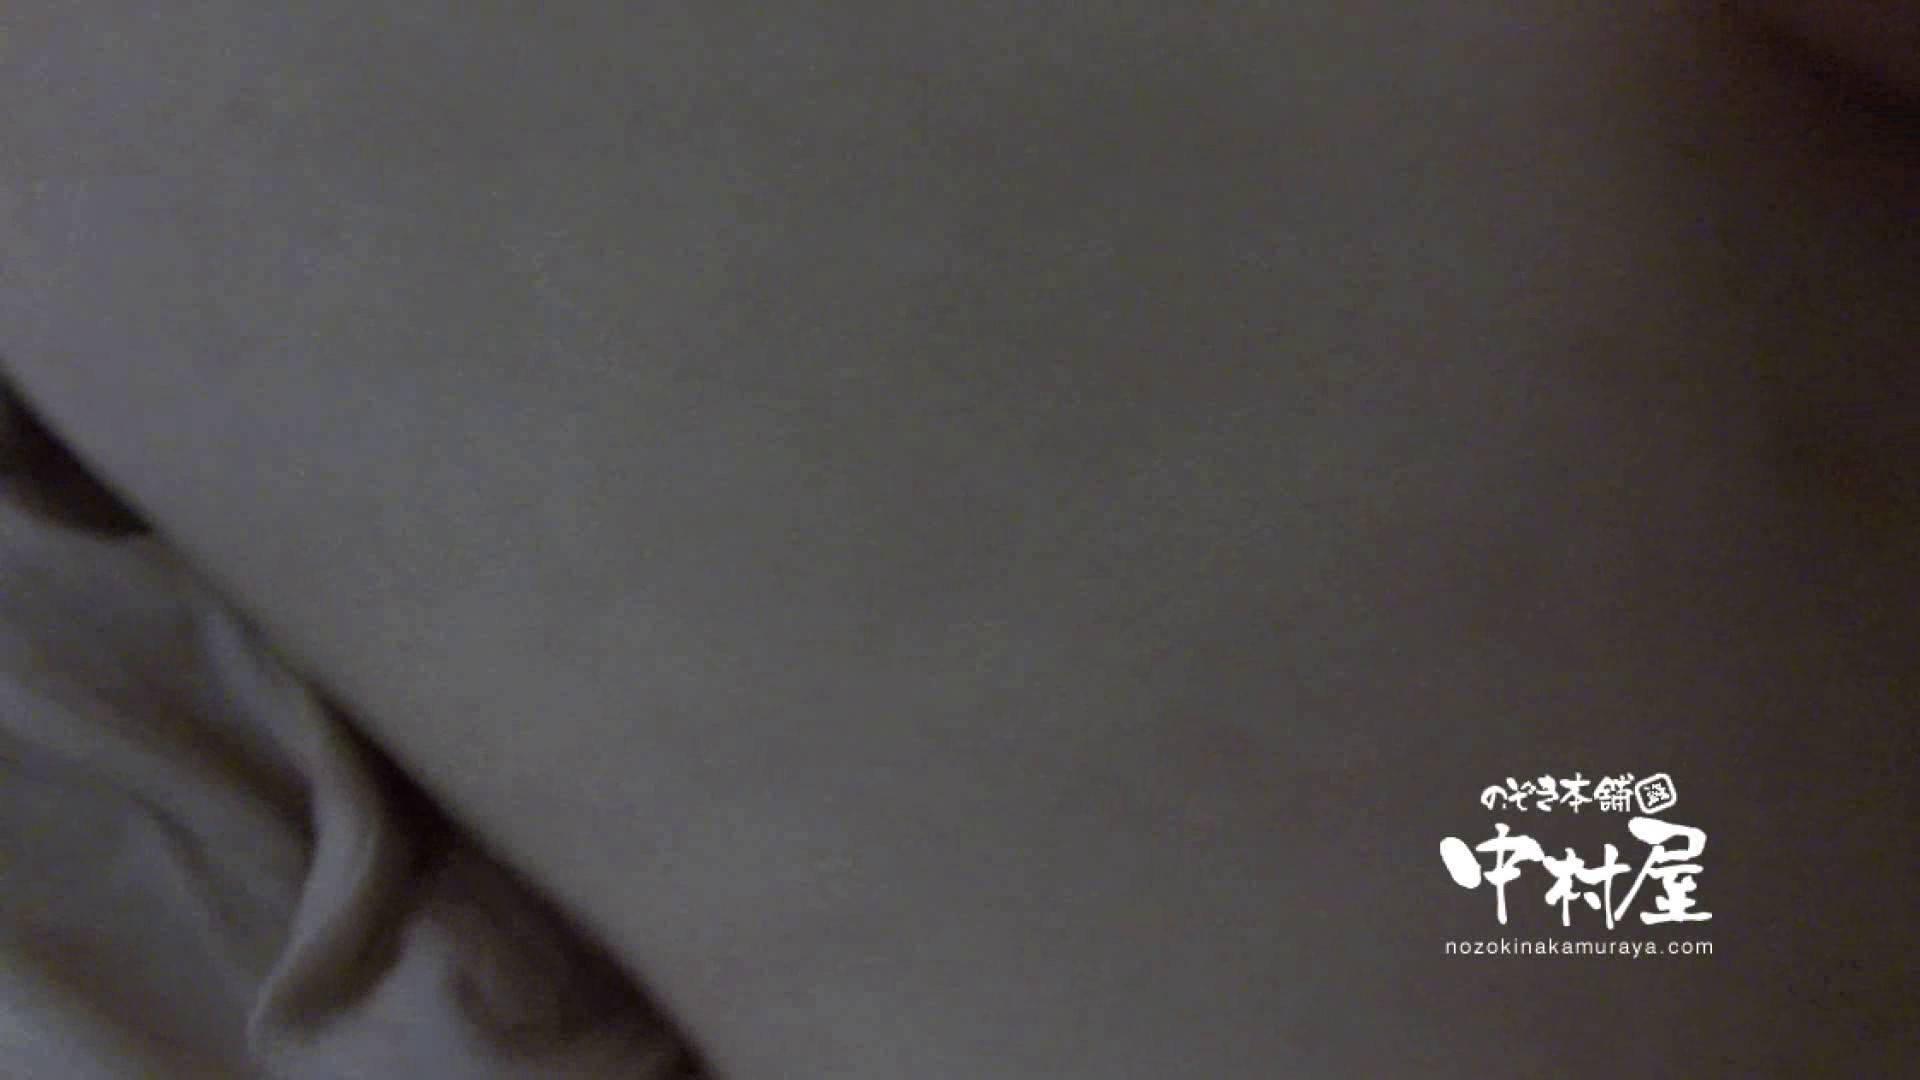 鬼畜 vol.12 剥ぎ取ったら色白でゴウモウだった 前編 鬼畜 | 美女OL  50連発 35